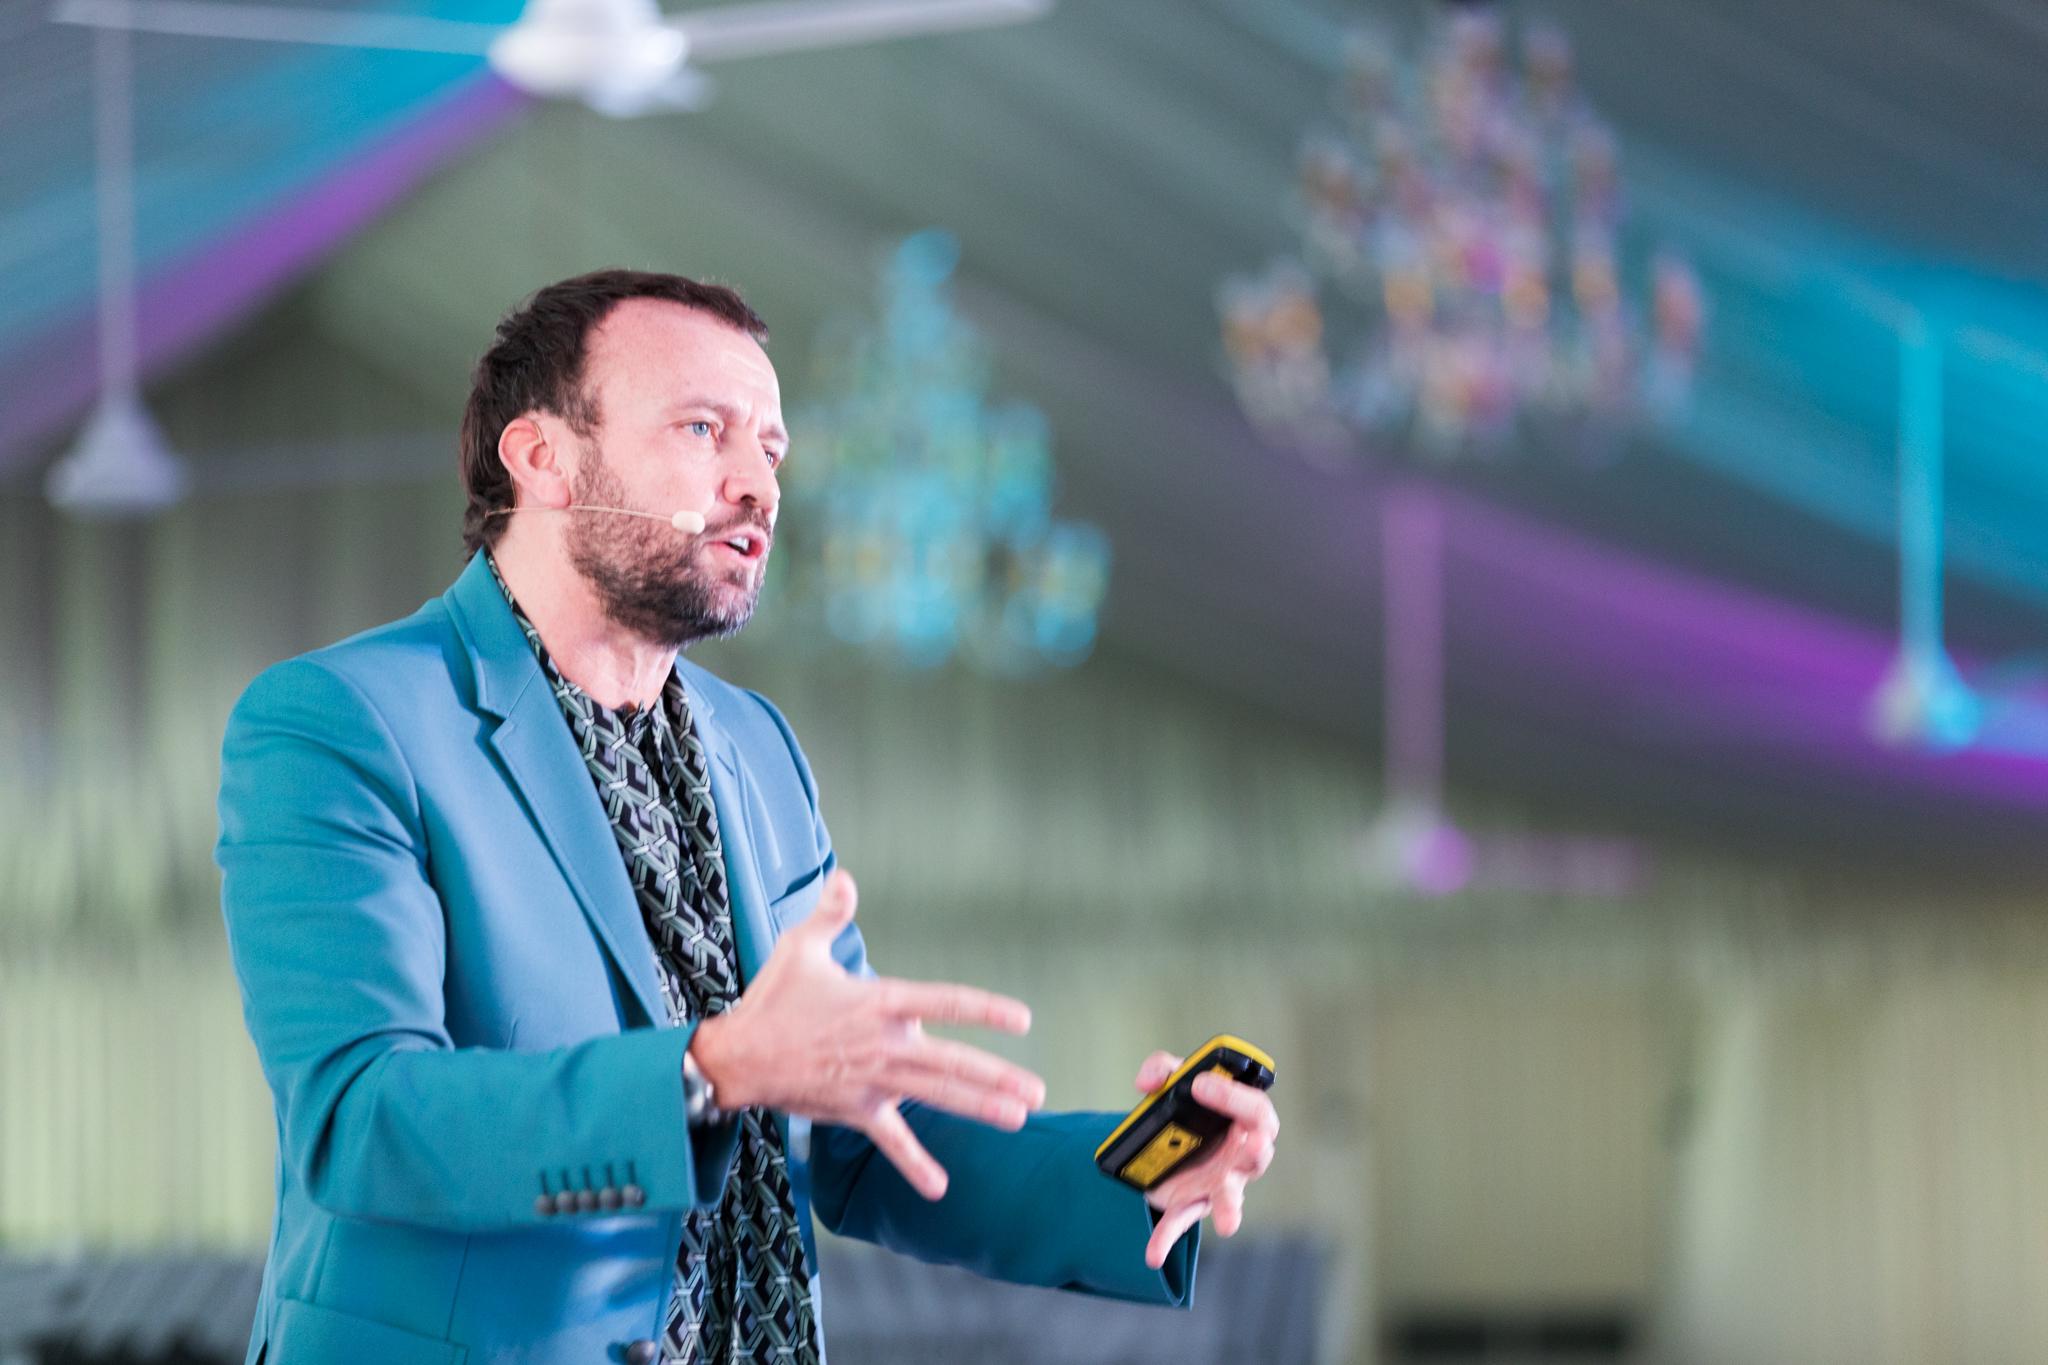 Mauro Porcini, chief design officer of PepsiCo.